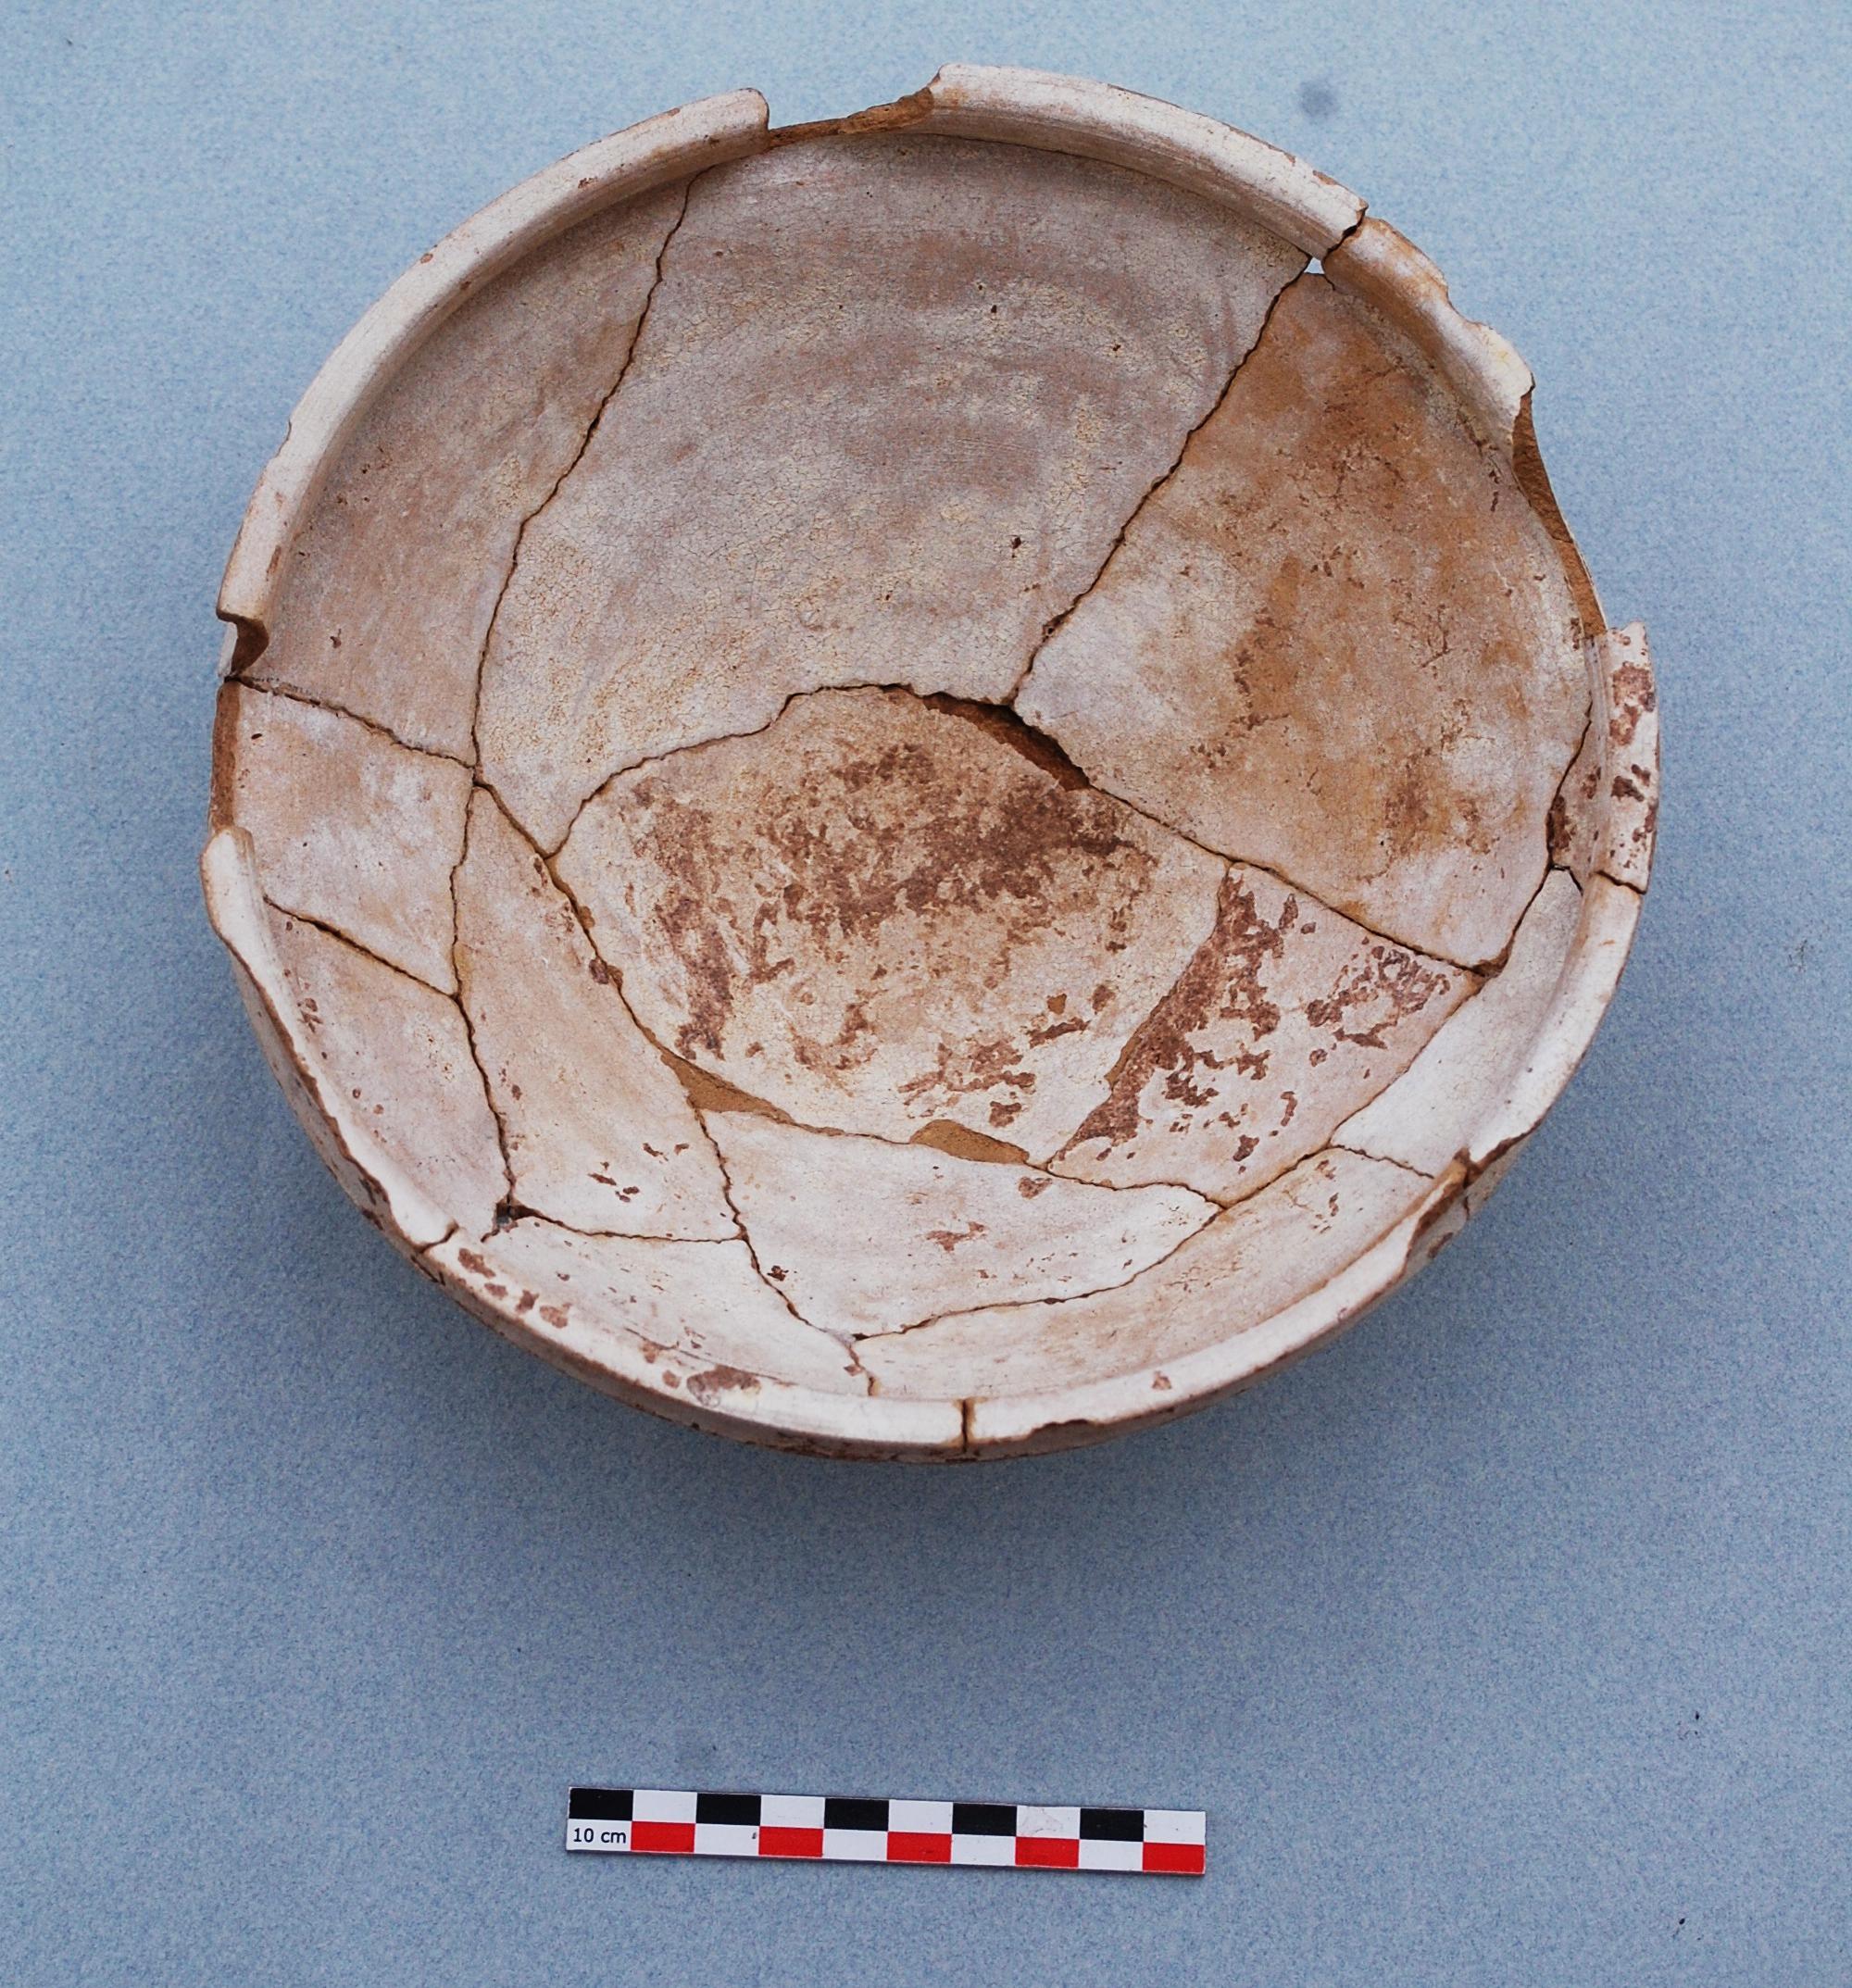 Fig. 5 : vue de l'assiette hellénistique glaçurée OBJ-FOR-09-7013-7014 après intervention (S. Alami-Viguié 2012)